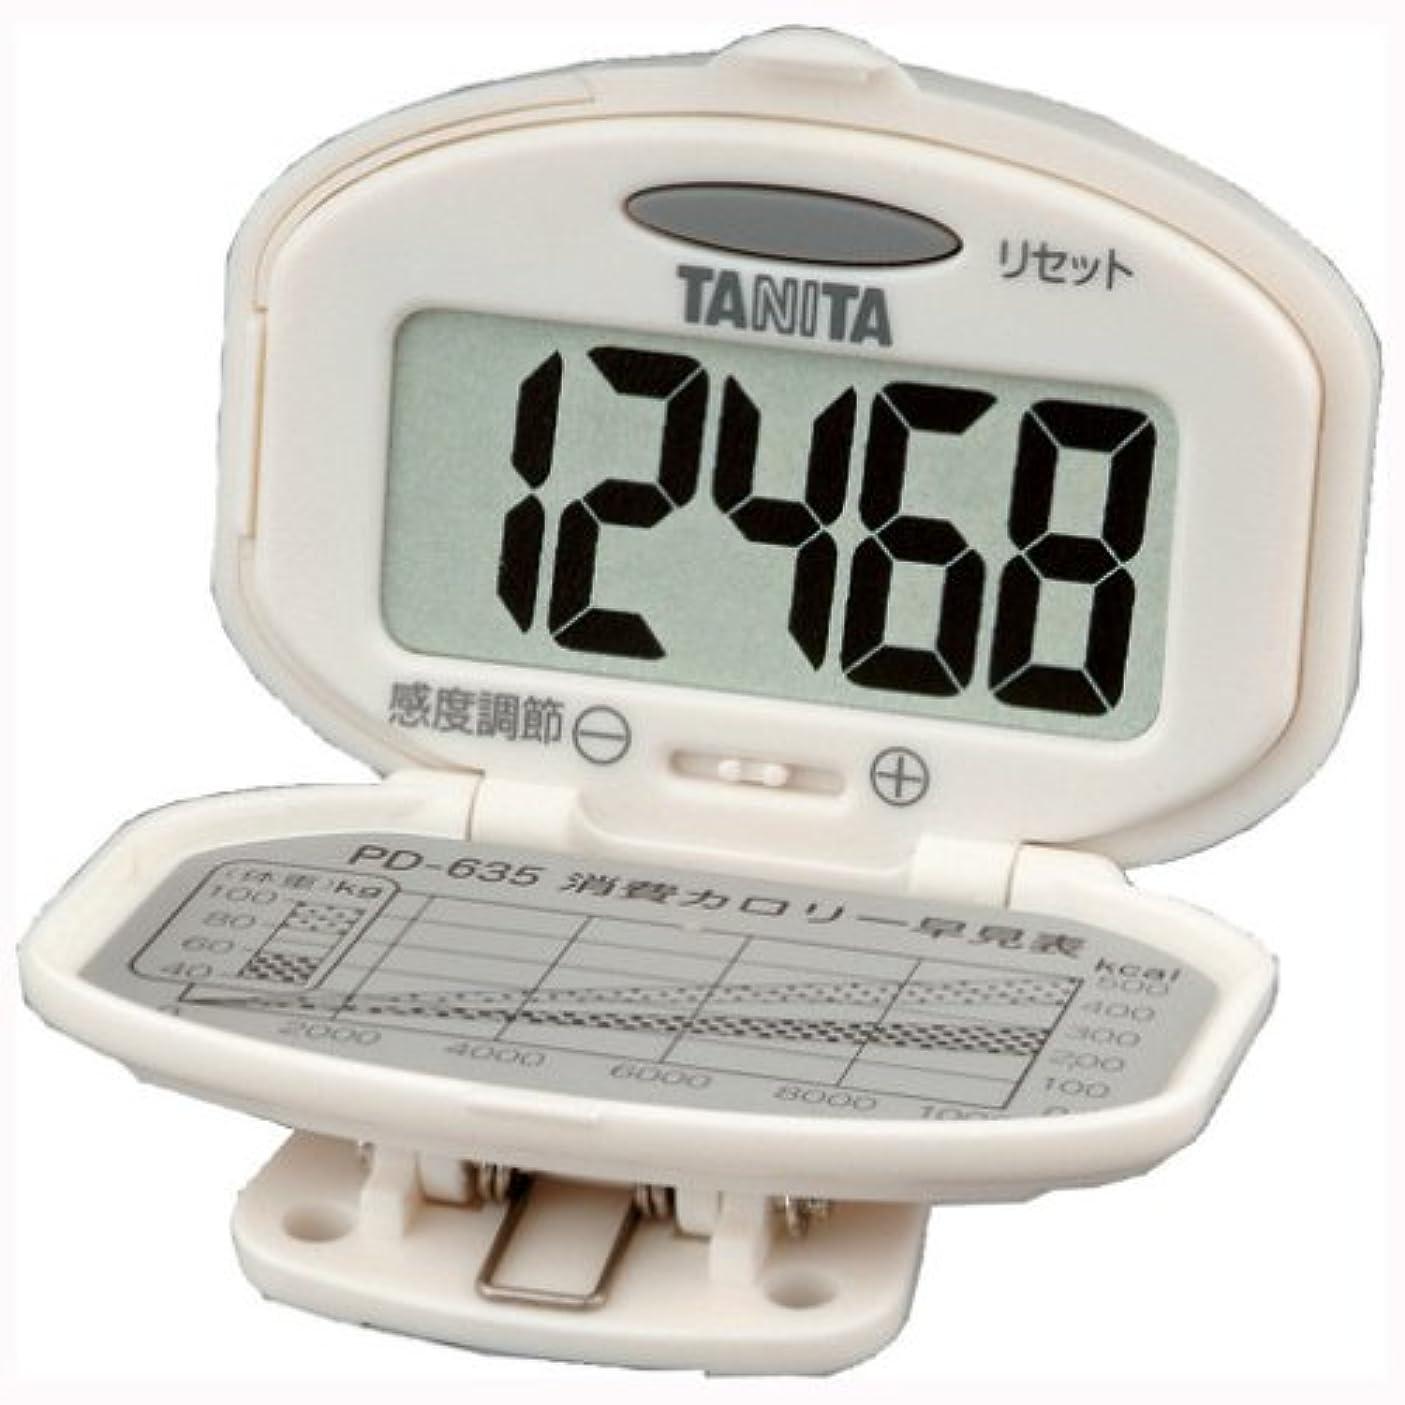 自我頑固な罪人タニタ(TANITA) 歩数計 PD-635 WH